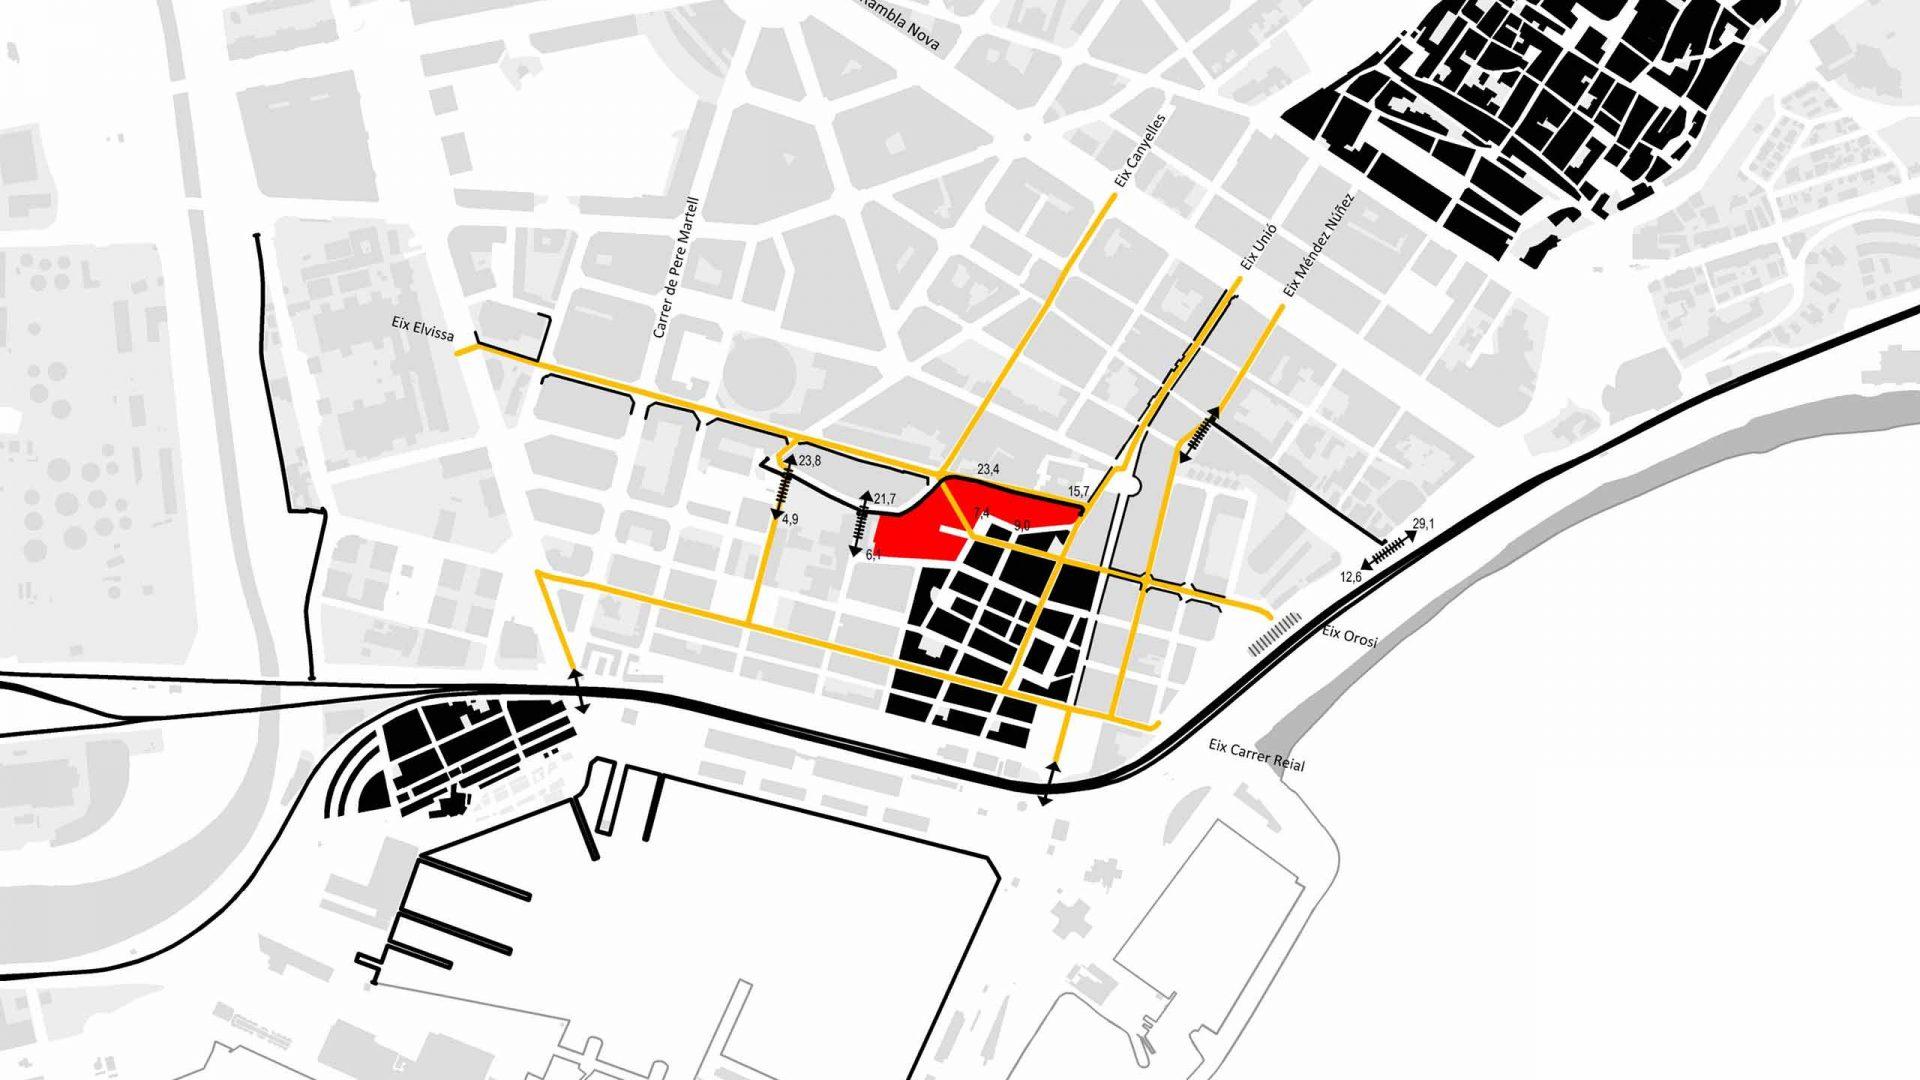 Estudi de les barreres urbanístiques a Tarragona